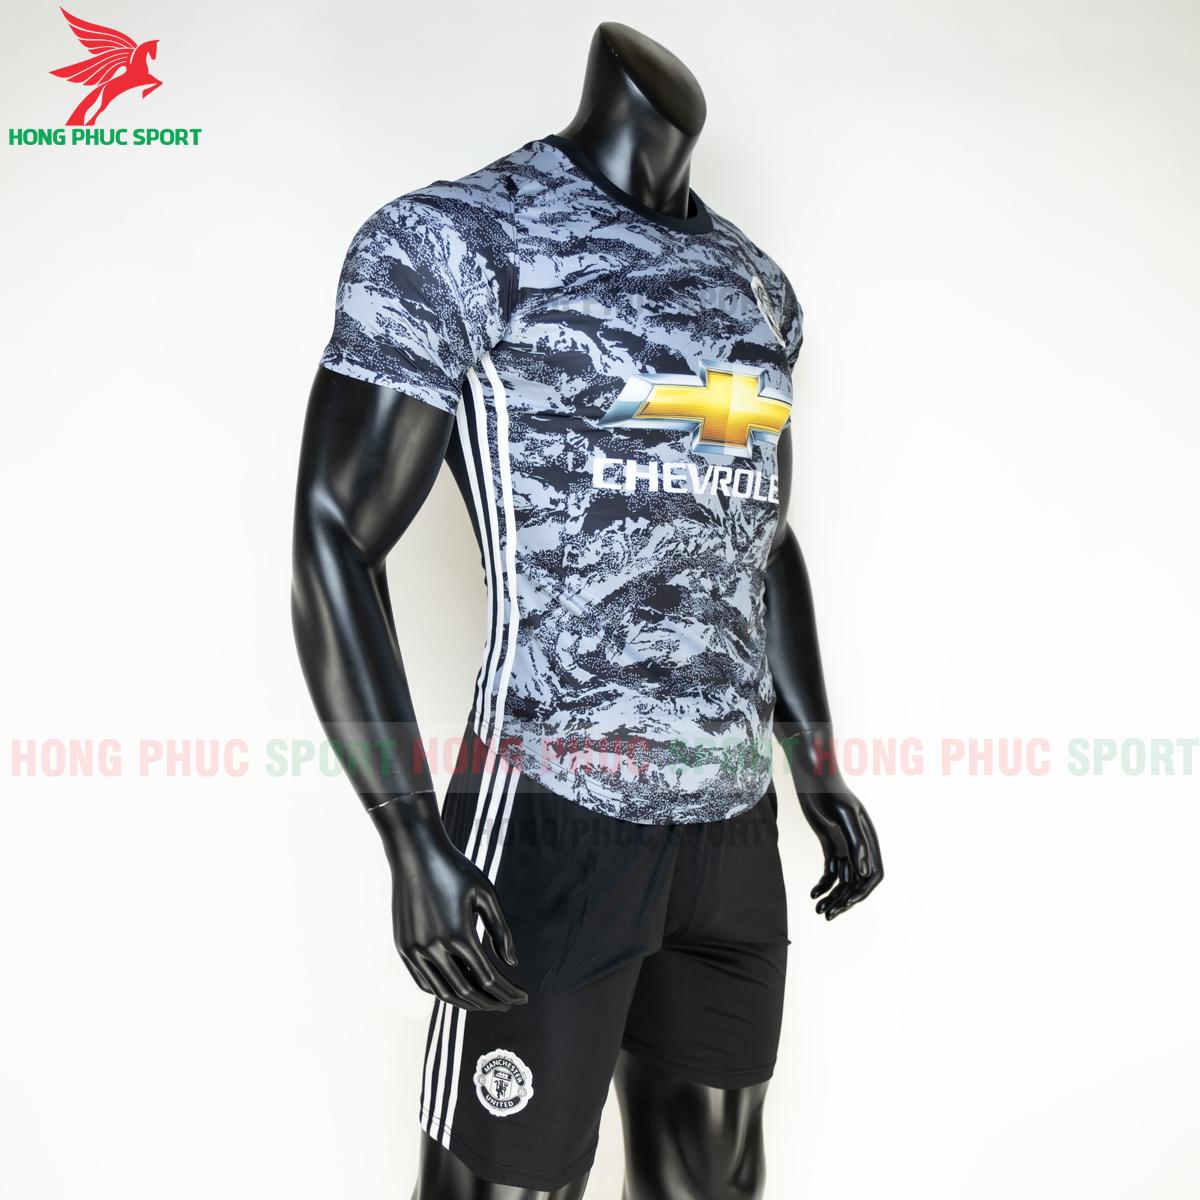 https://cdn.hongphucsport.com/unsafe/s4.shopbay.vn/files/285/ao-da-bong-manchester-united-2020-2021-phien-ban-fan-6-5fe1b7609b97d.png